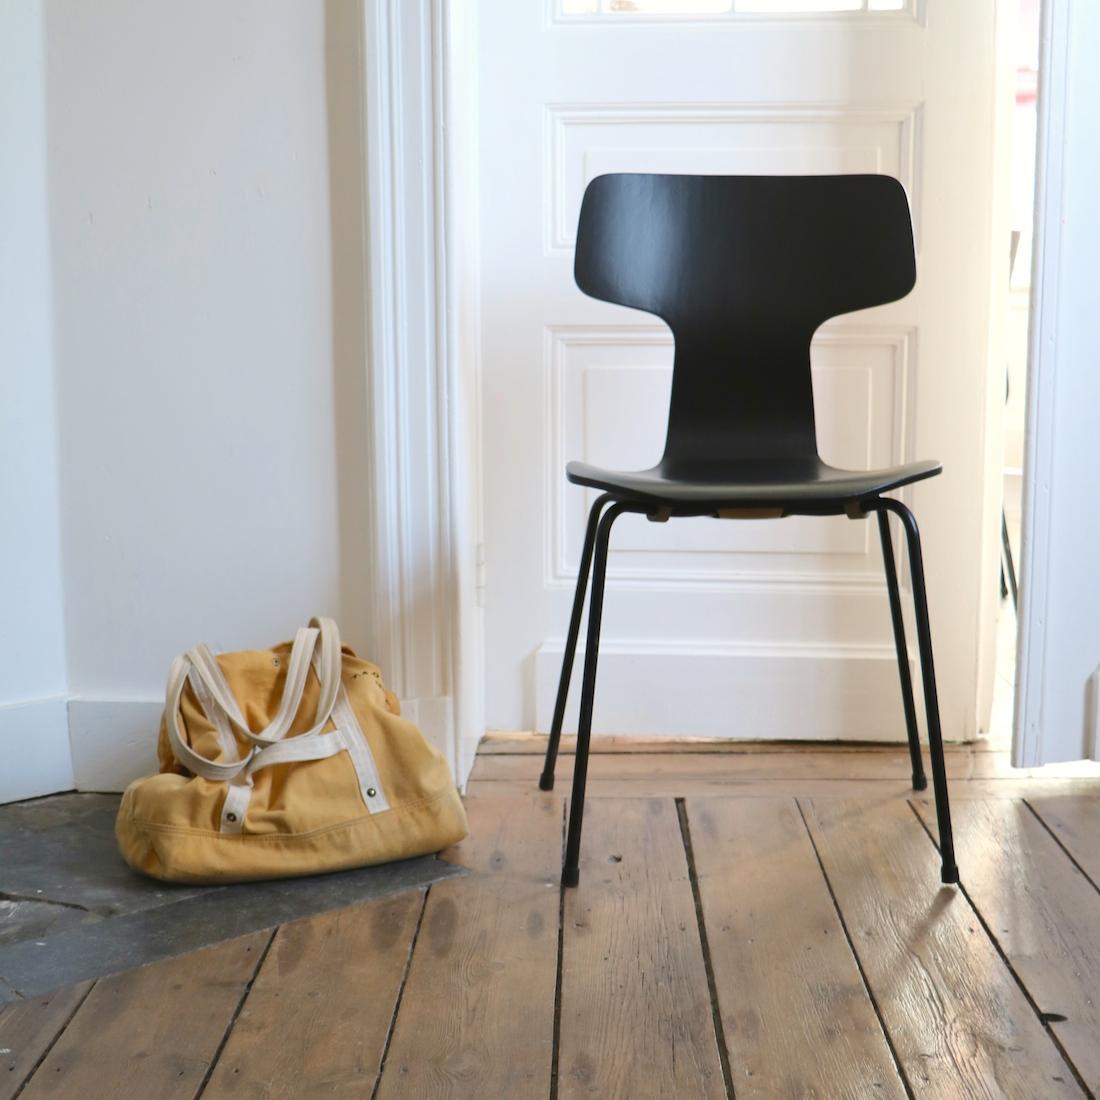 chaise jacobsen hammer la maison bruxelloise. Black Bedroom Furniture Sets. Home Design Ideas